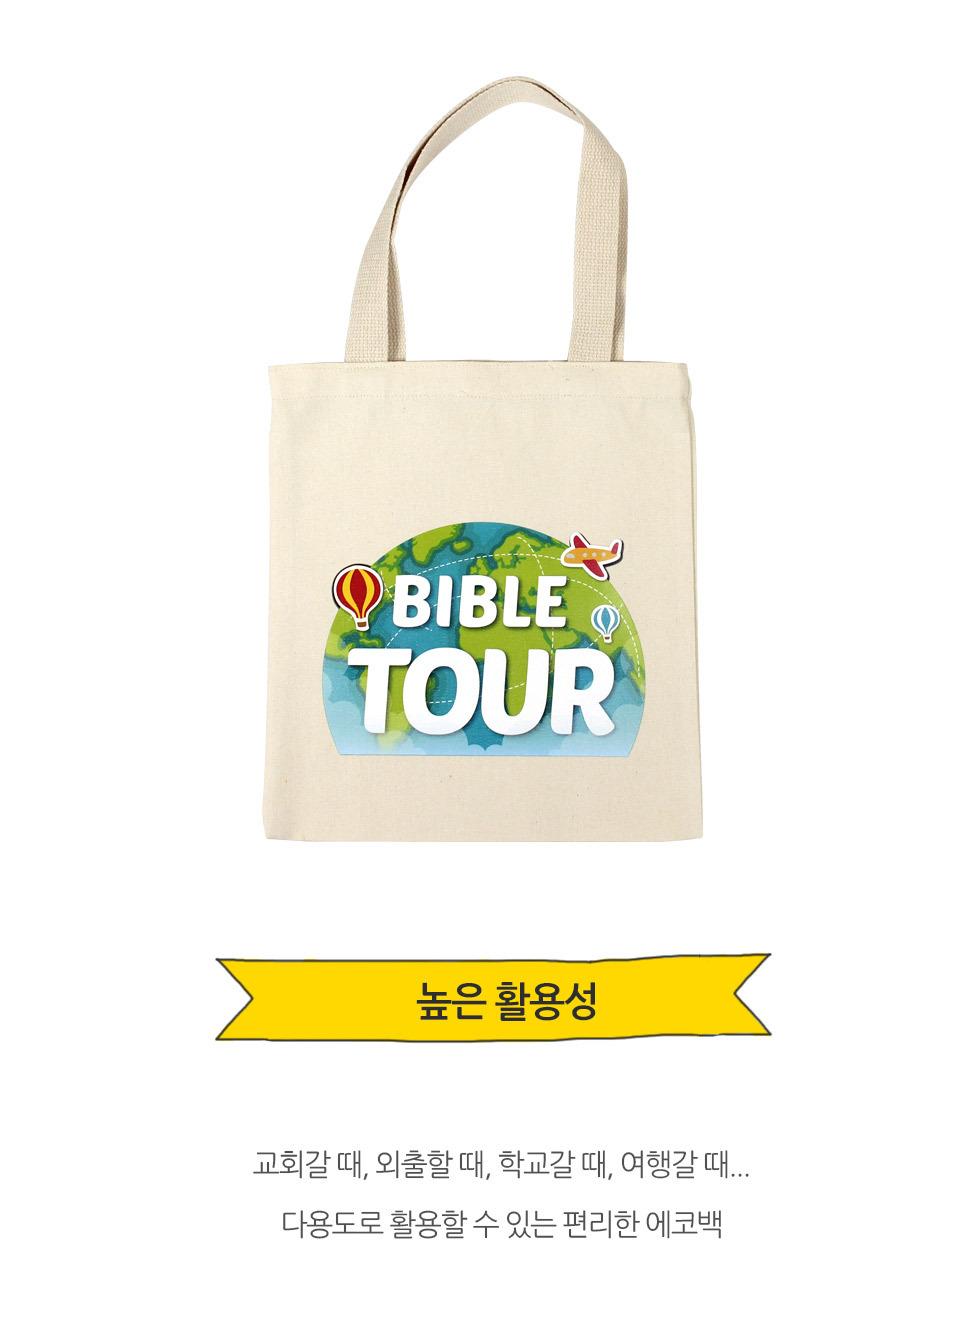 메시지 에코백 BIBLE TOUR (바이블투어) 말씀으로 새로워지는 여행, 예장통합 높은 활용성